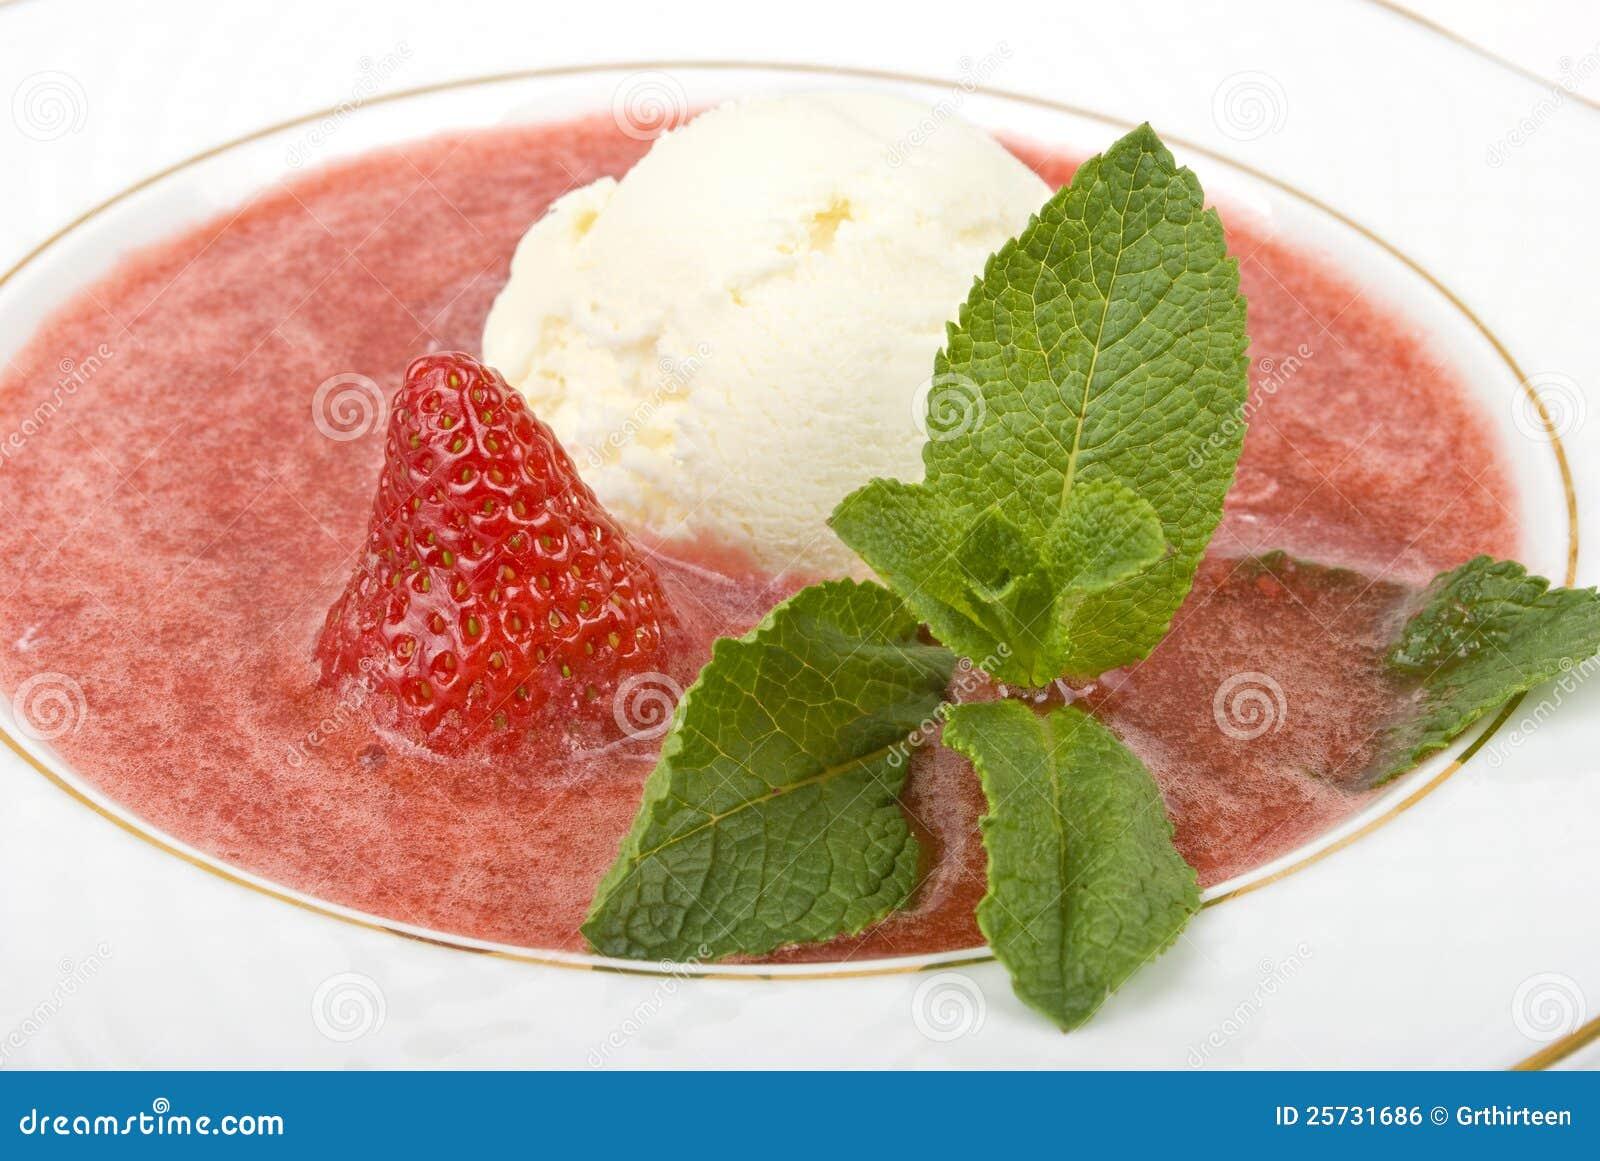 Ice-cream in a strawberry